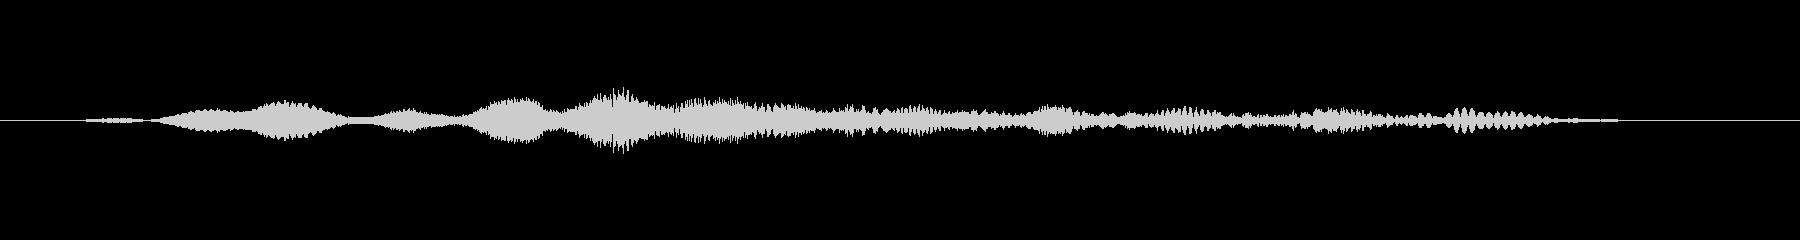 特撮 スクリーンシャットダウングリ...の未再生の波形